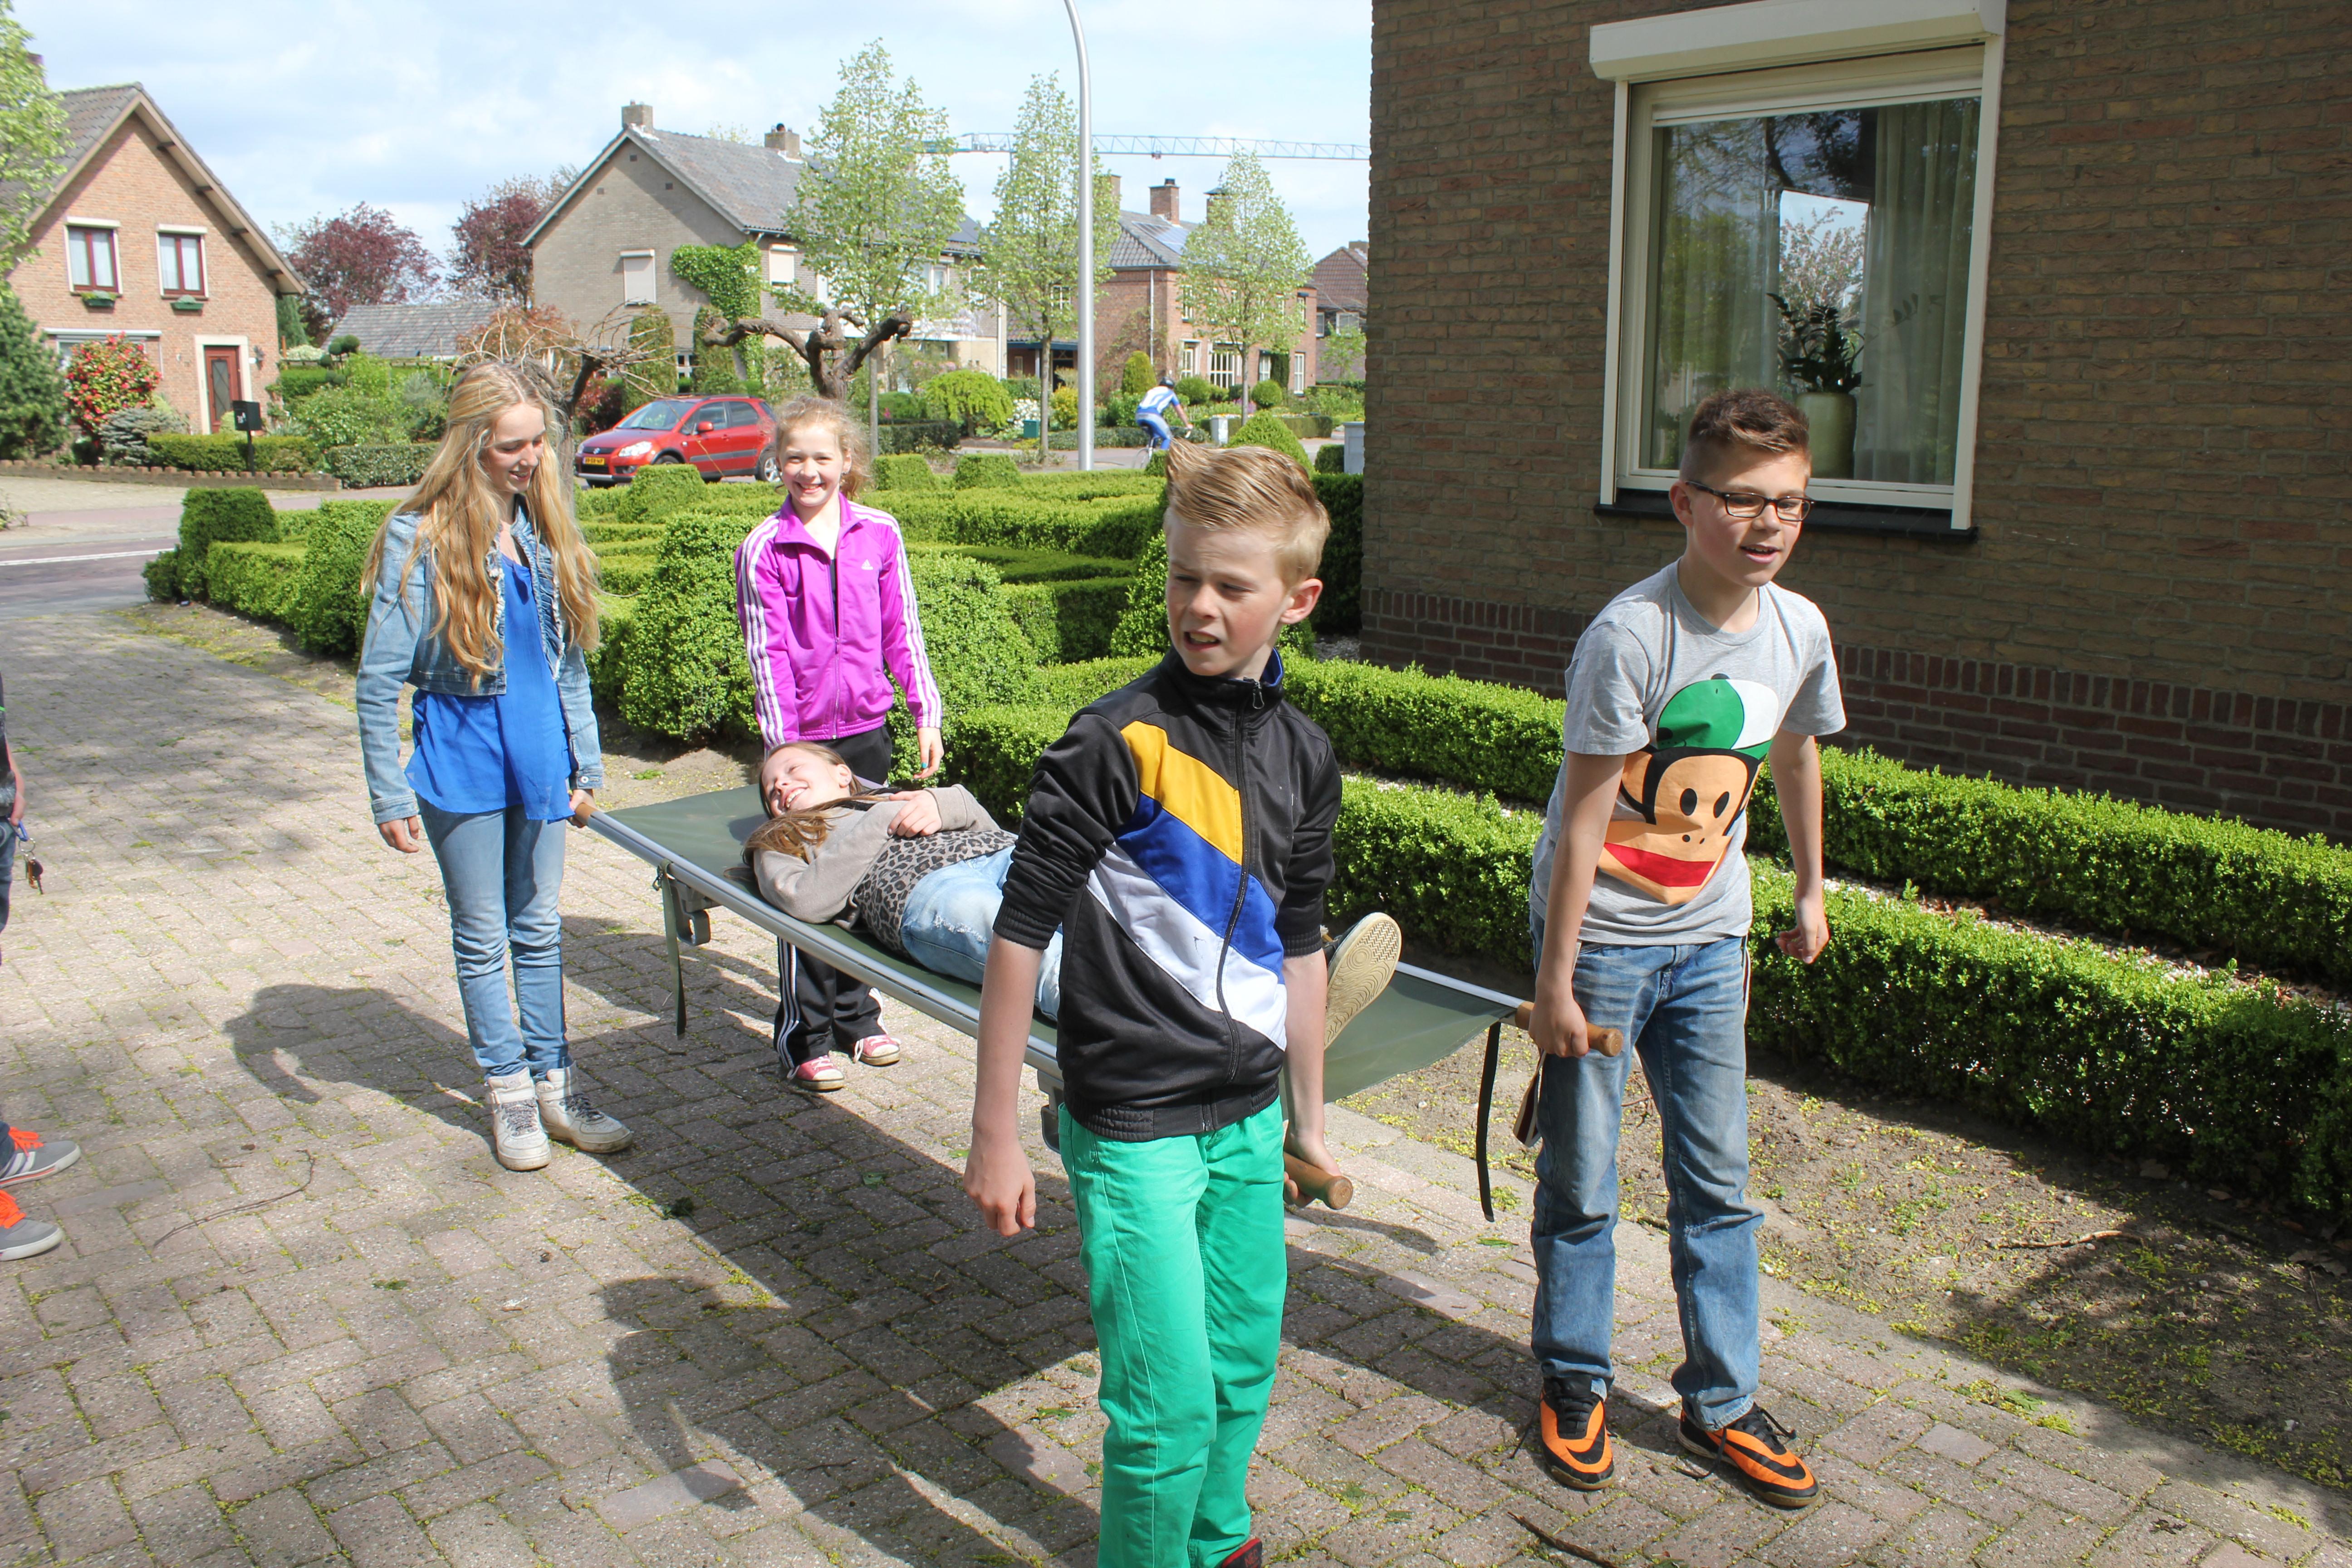 Populair Attractieverhuur De Toren - 6 kamp attracties, hindernisbanen en  &XM35